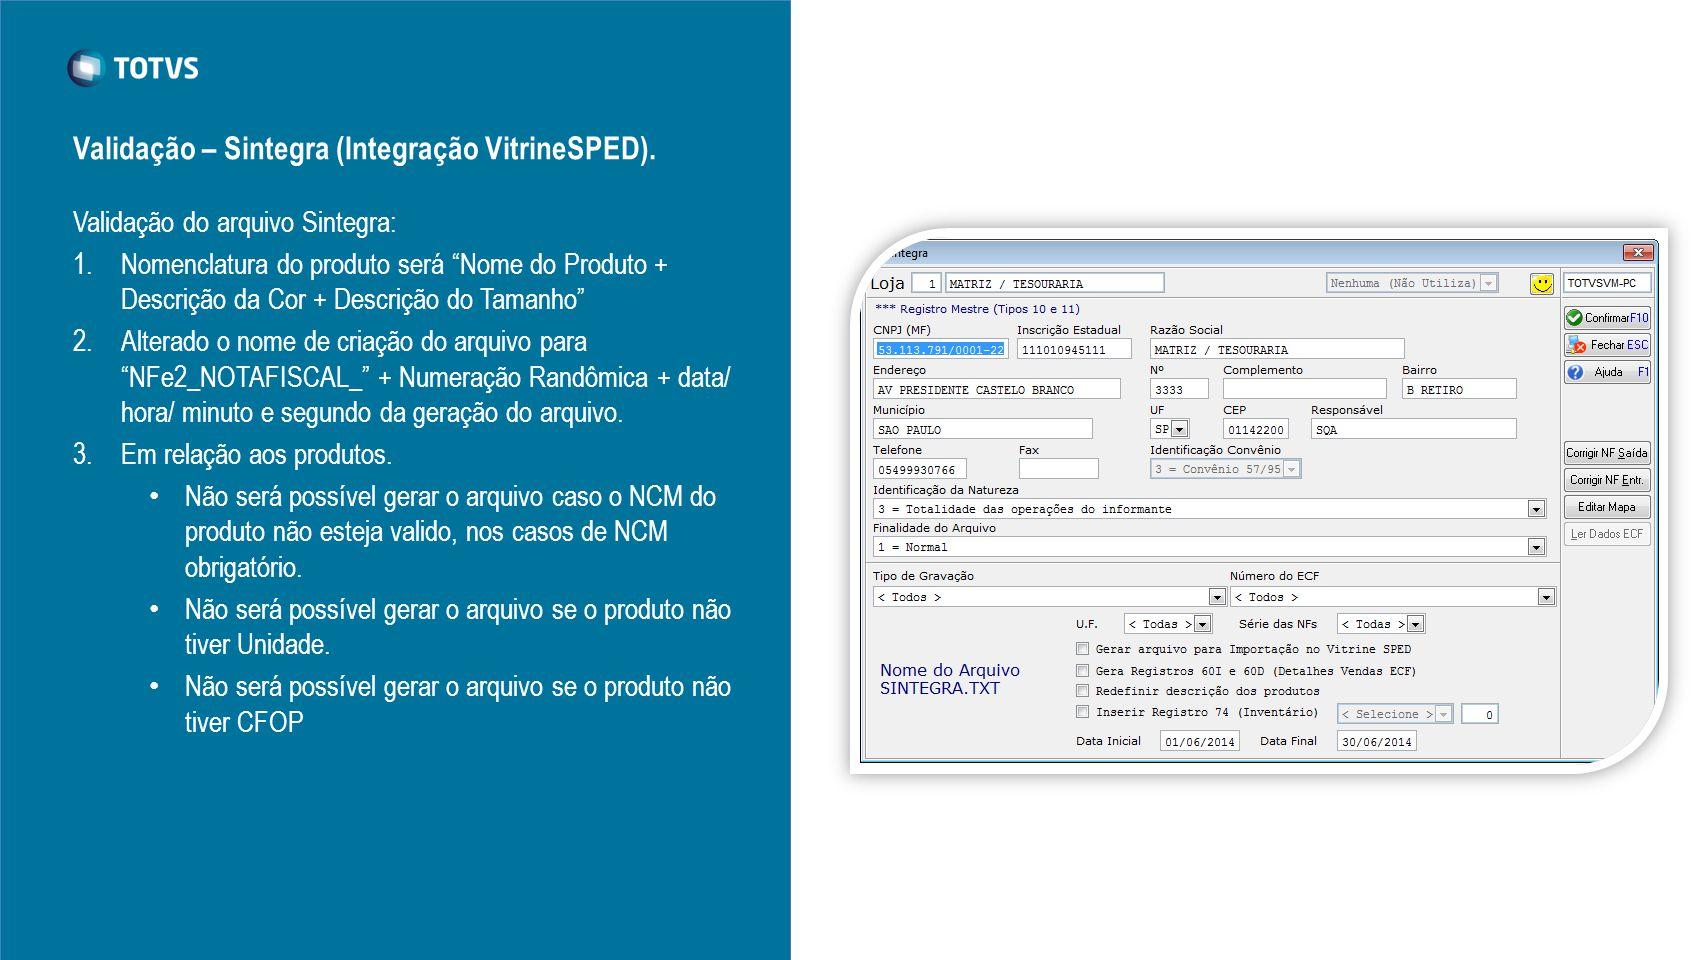 Validação – Sintegra (Integração VitrineSPED).